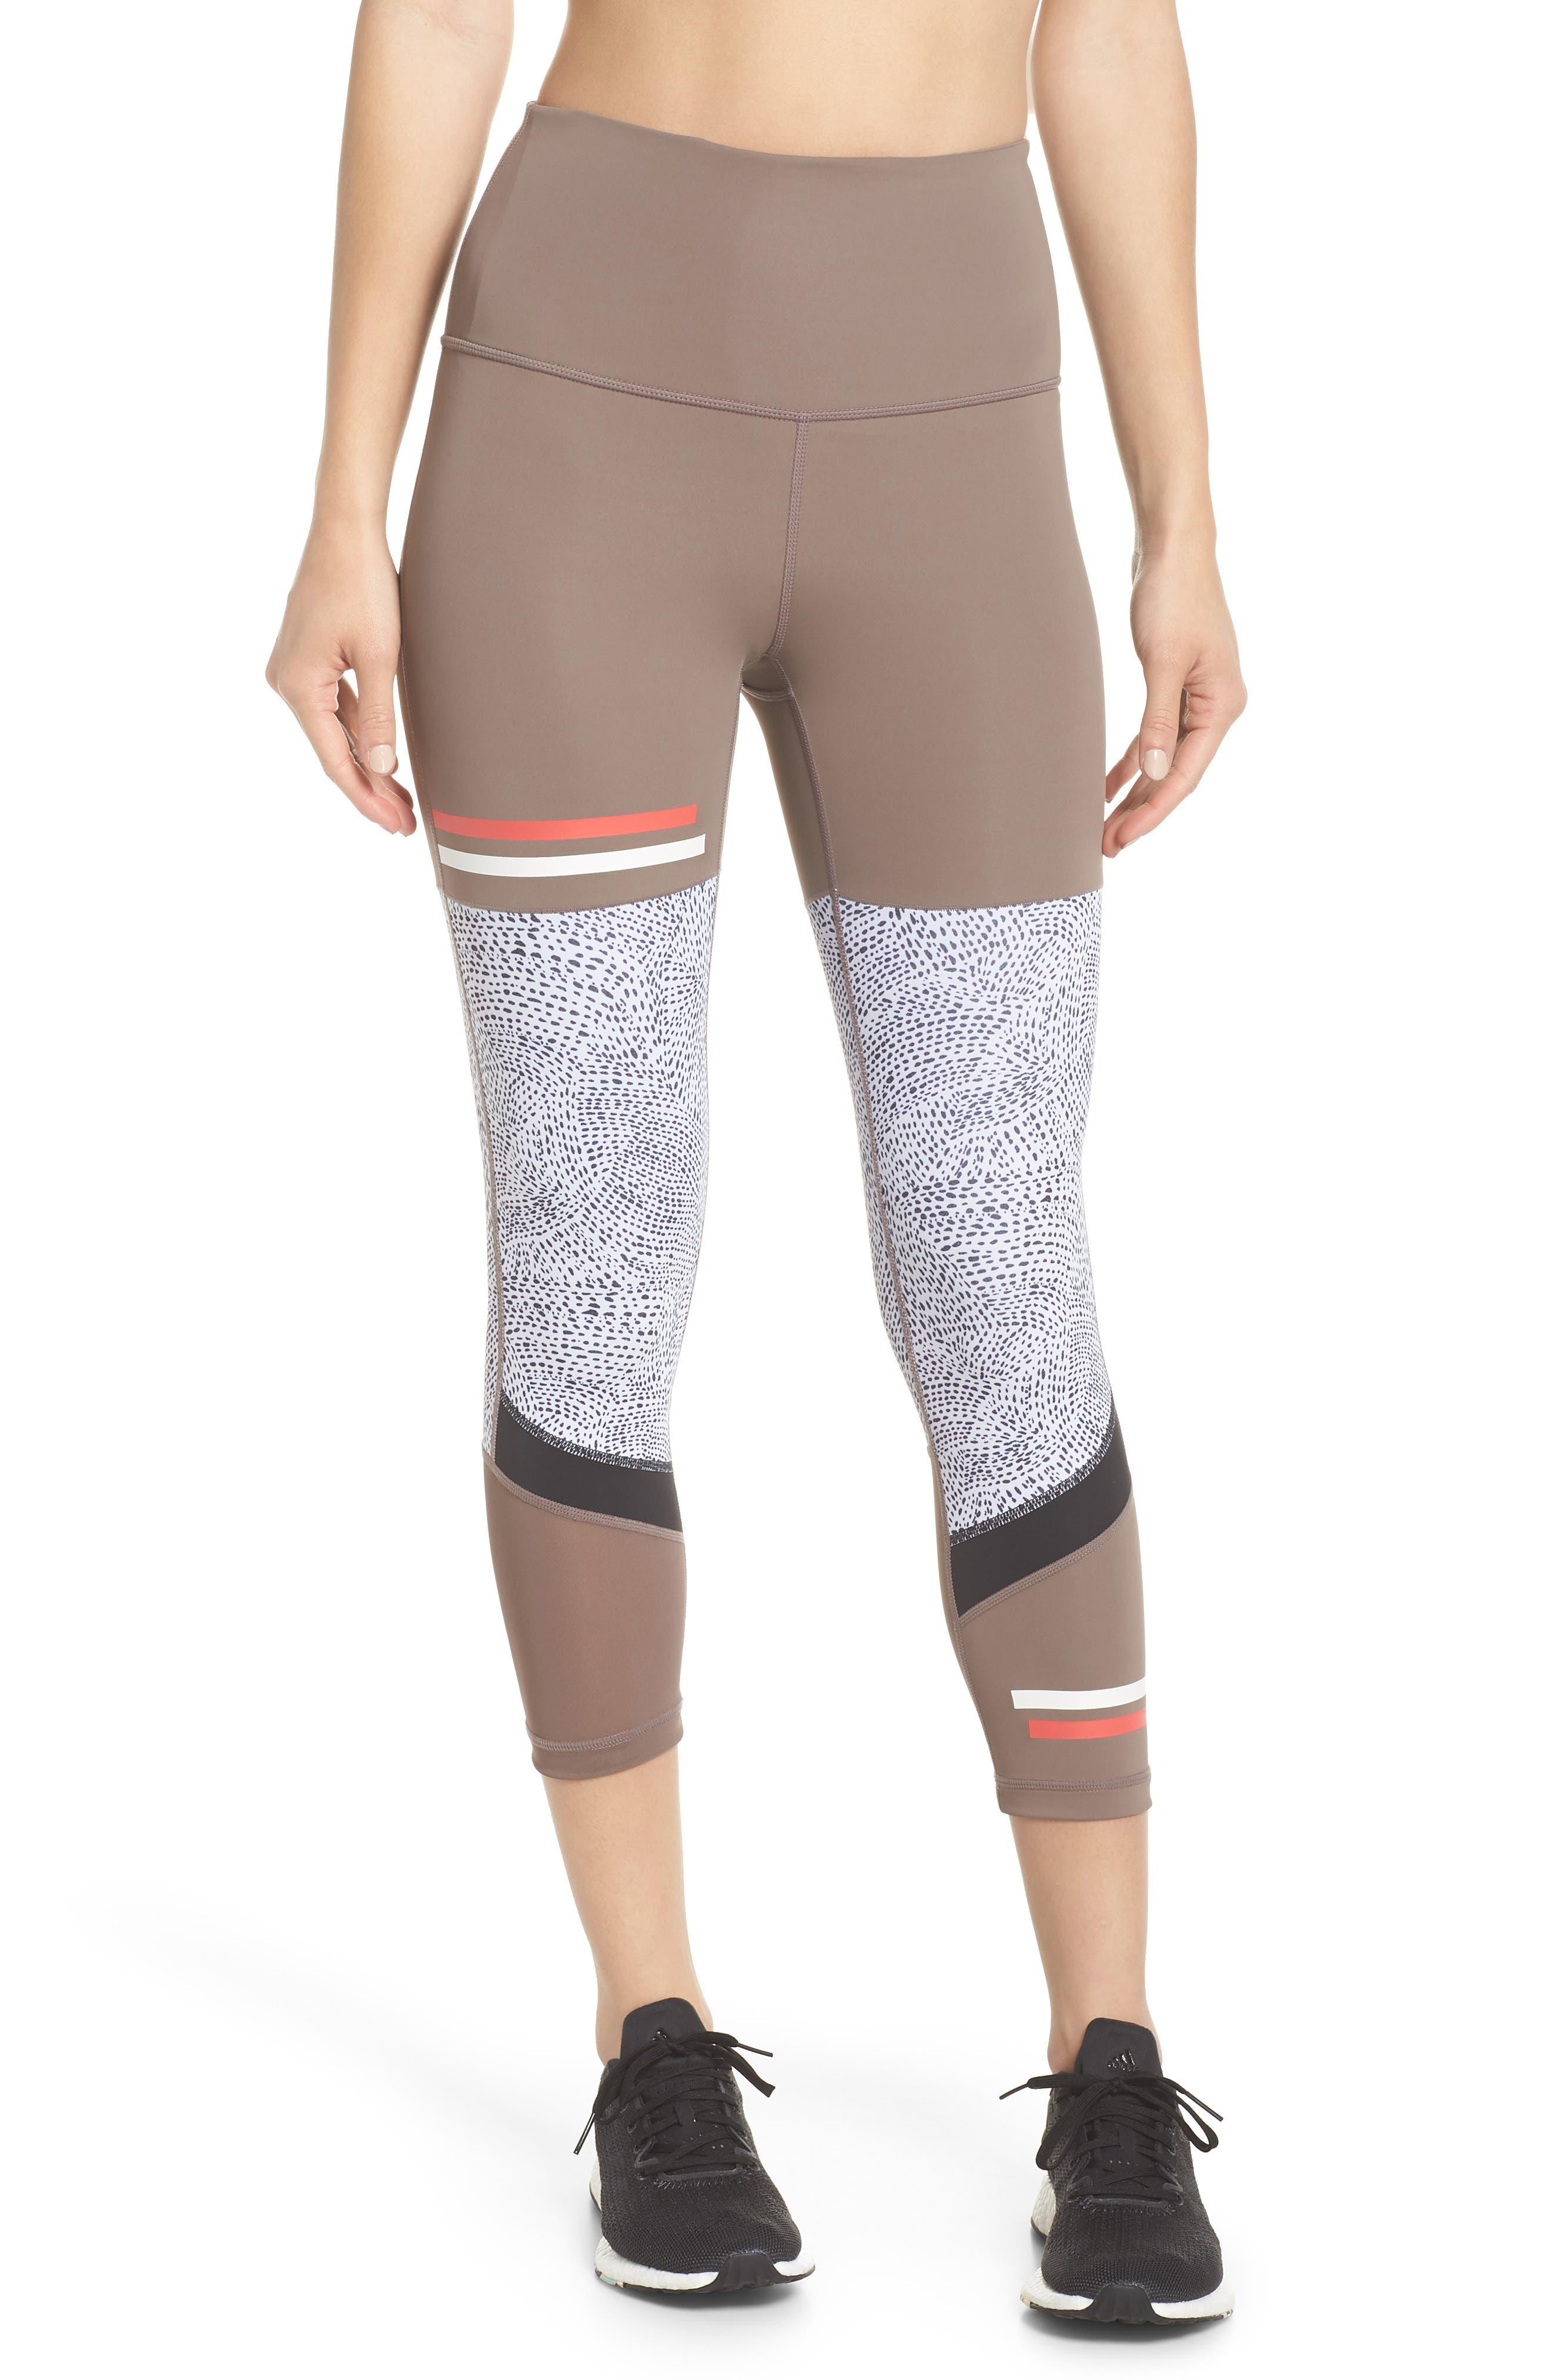 Senso Vision High Waist Crop Leggings,                         Main,                         color, Tan Dusk